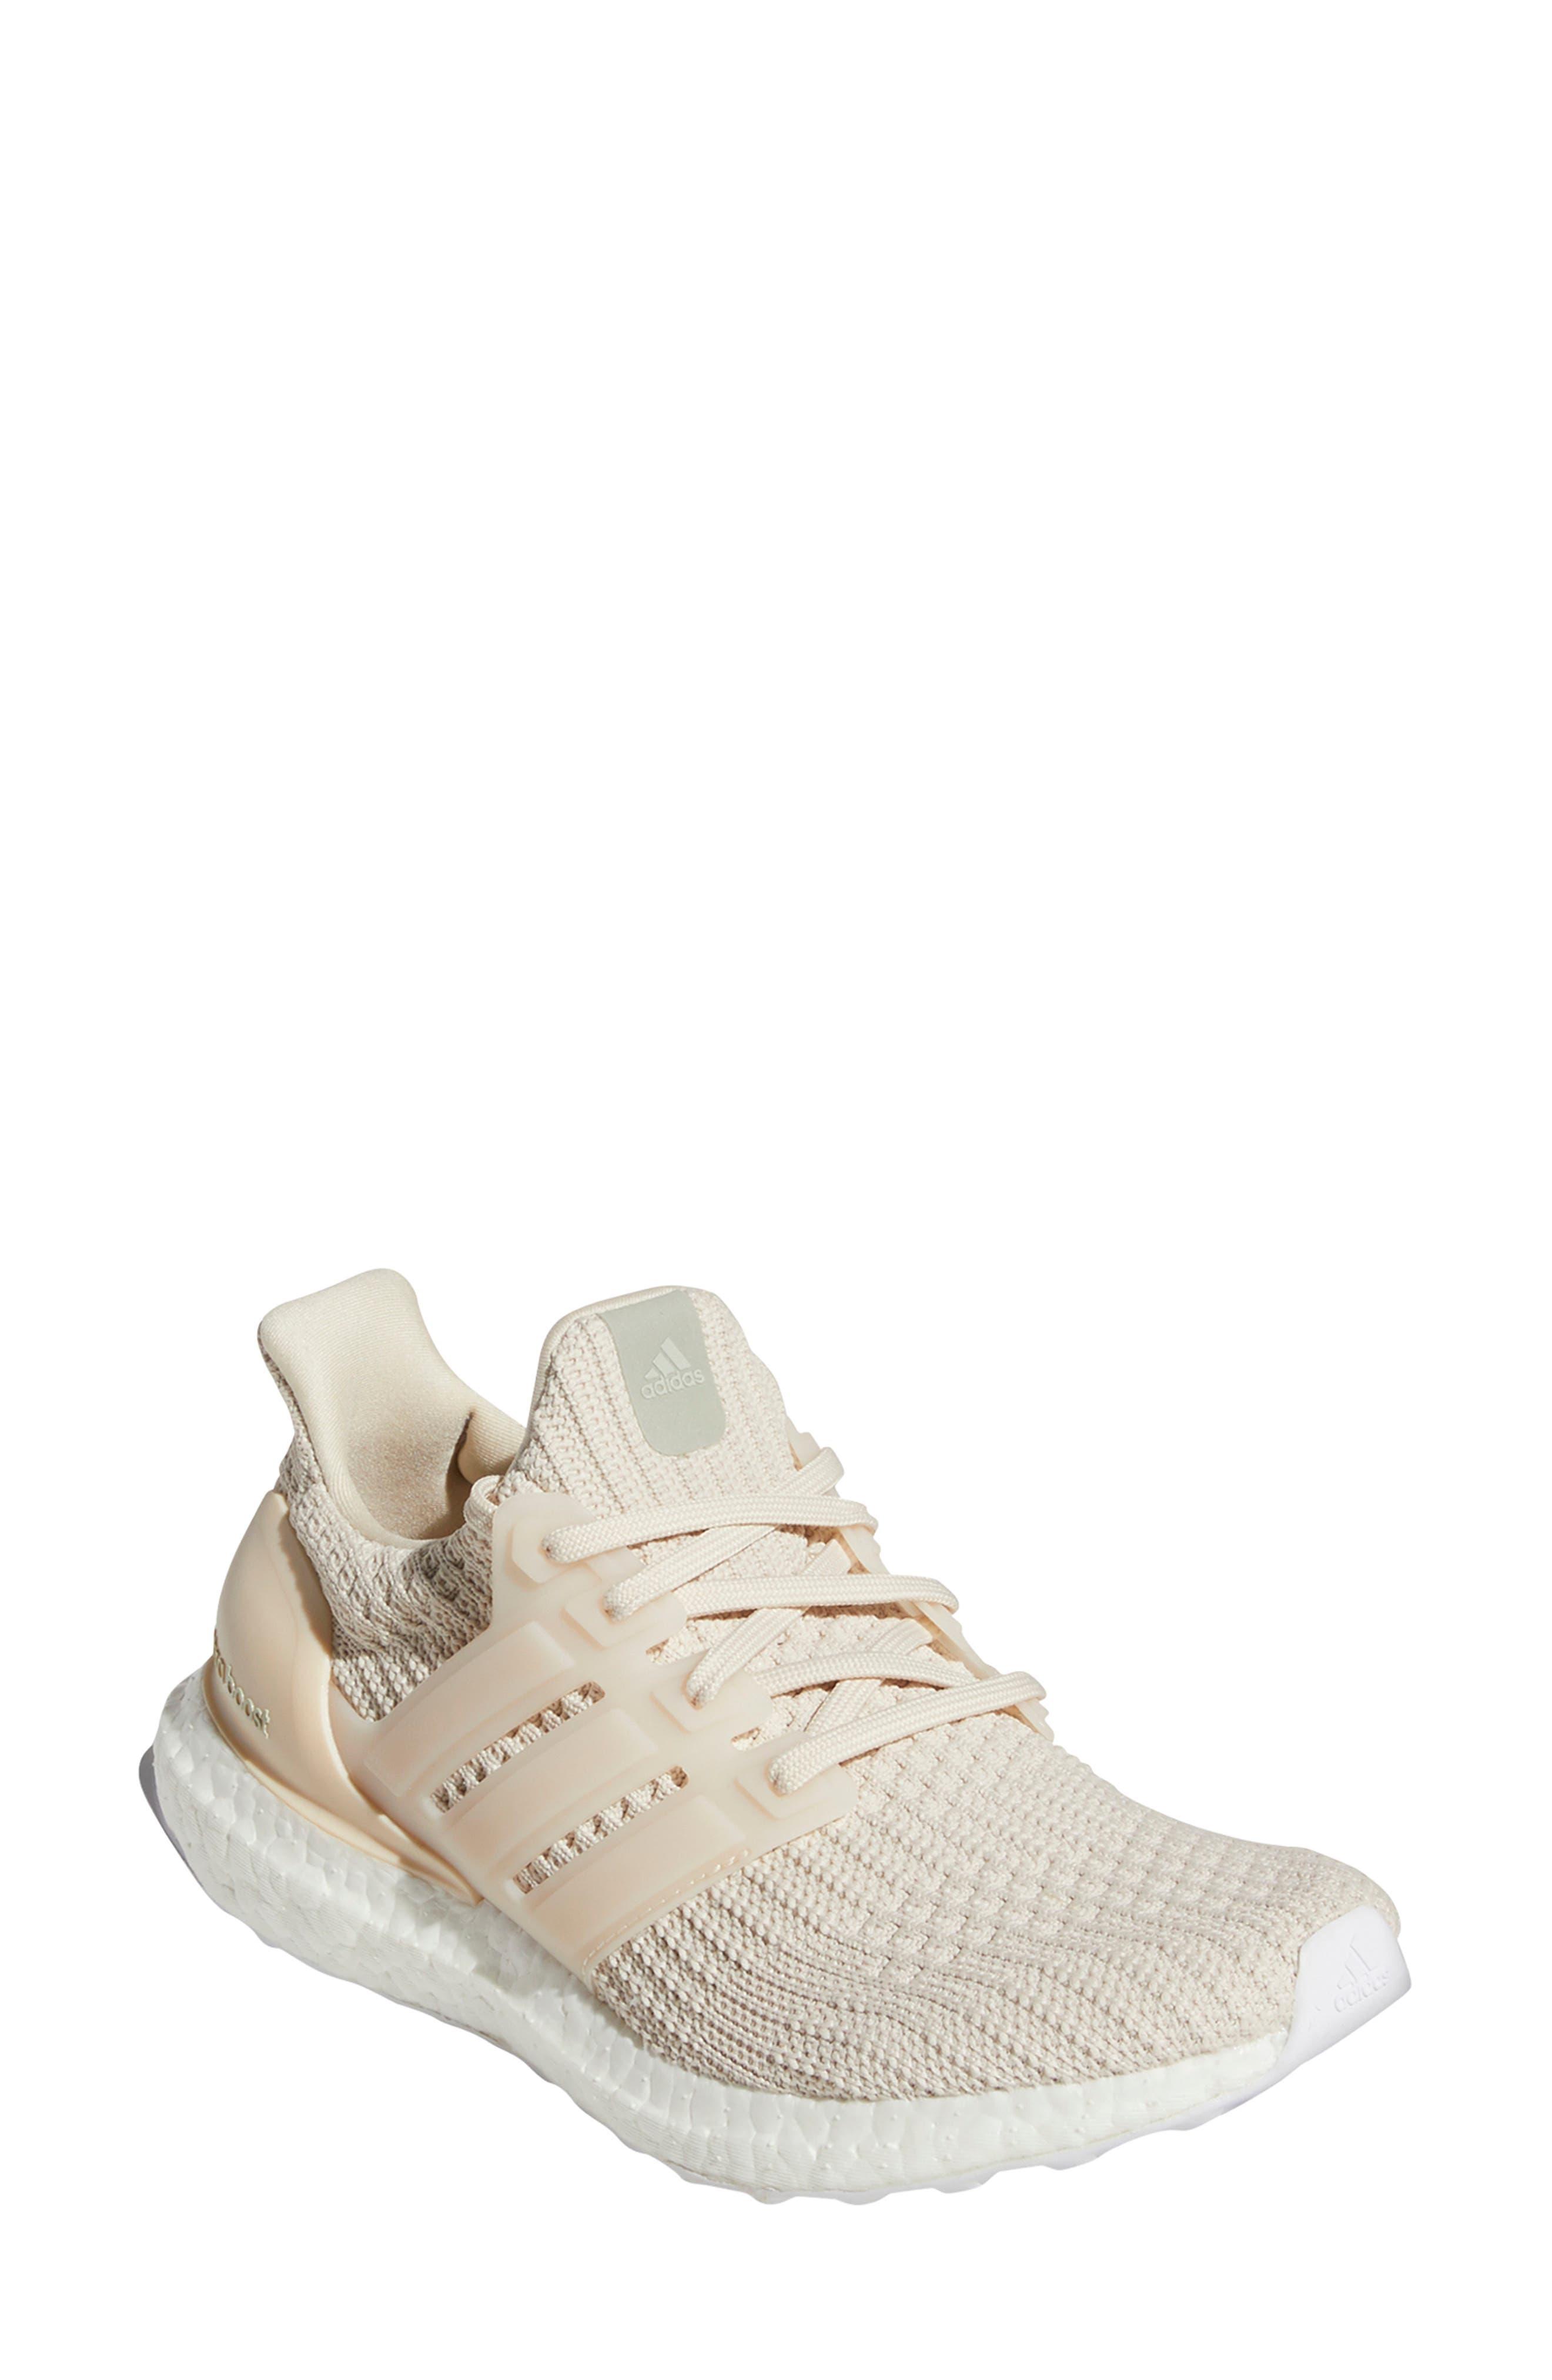 adidas shoe women